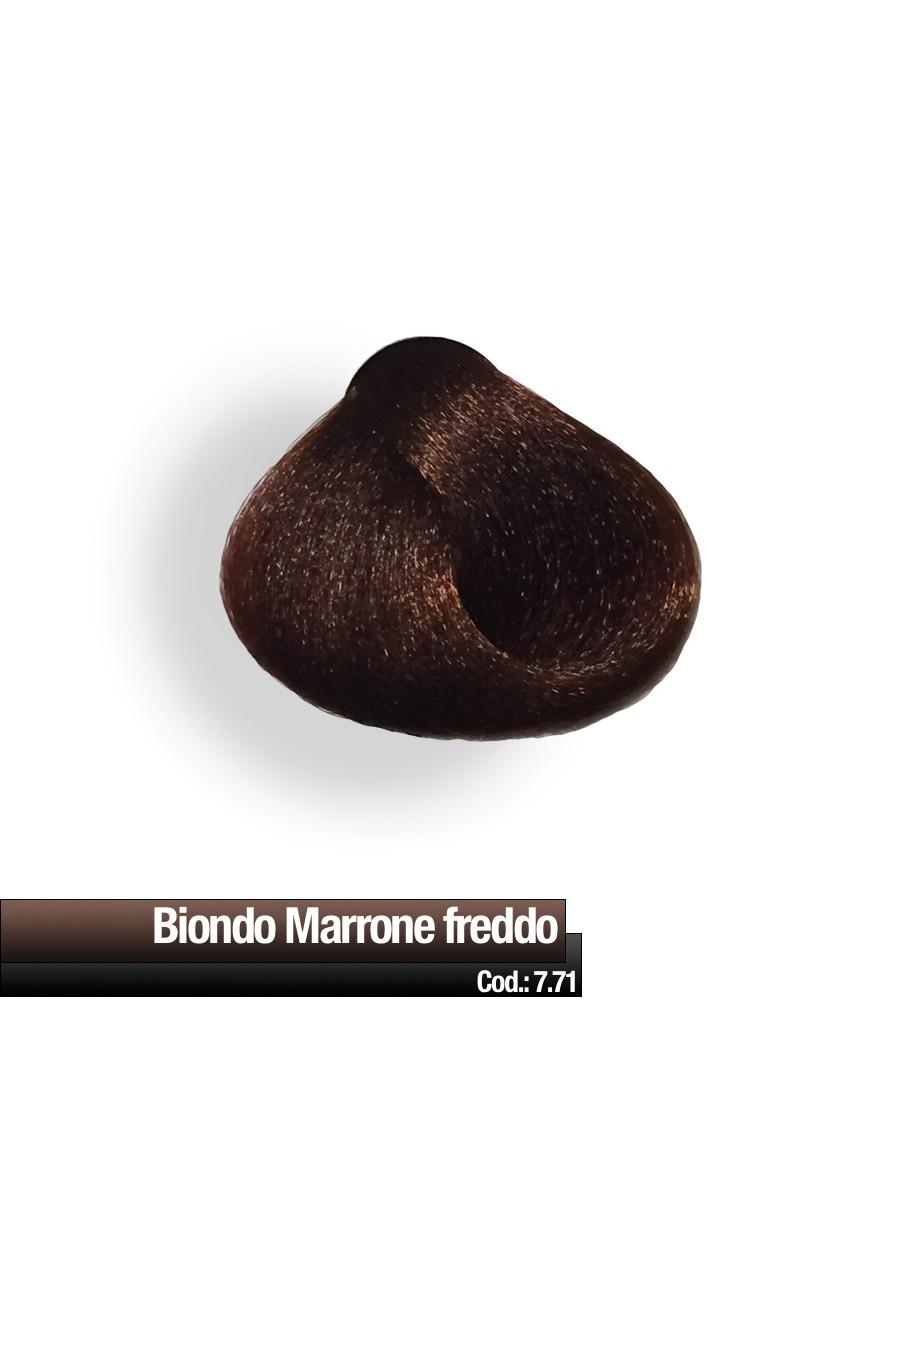 CREMA COLORE 7.71 BIONDO MARRONE FREDDO RR